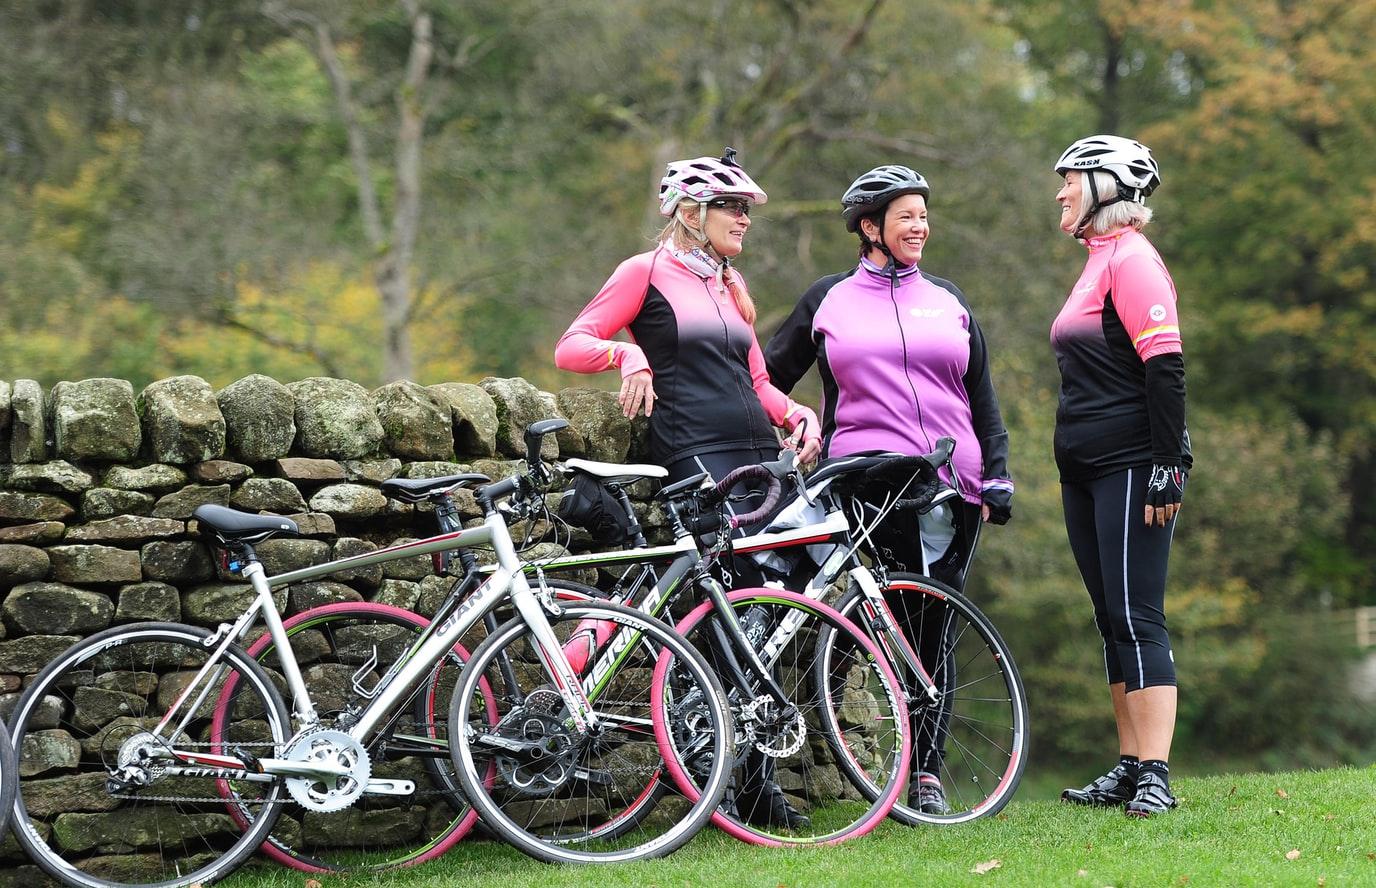 UK-bike-usage-increasing-news